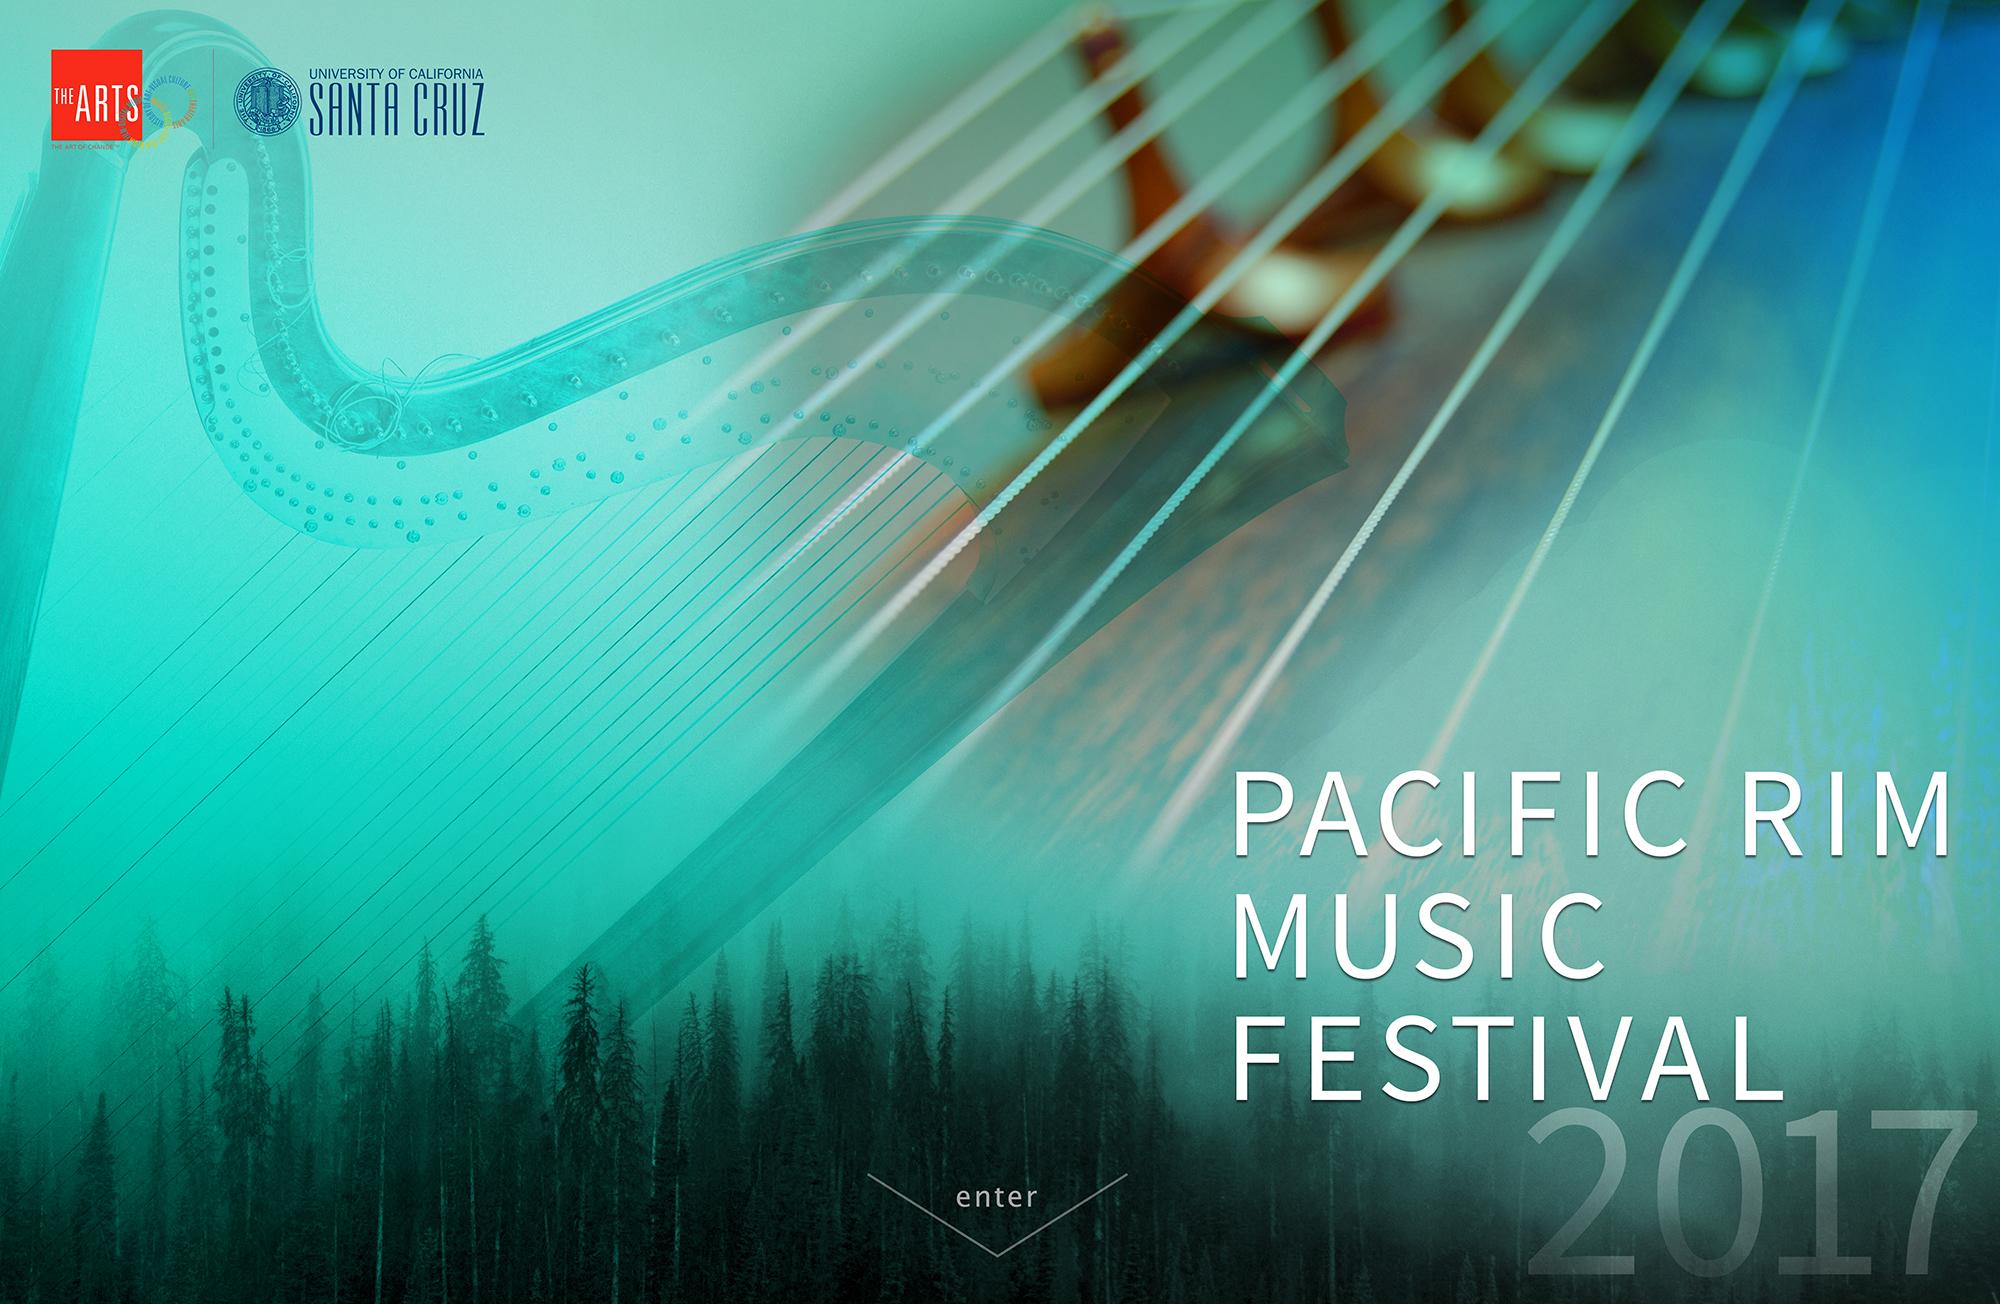 Pacific Rim Music Festival 2017, UC Santa Cruz, Arts Division